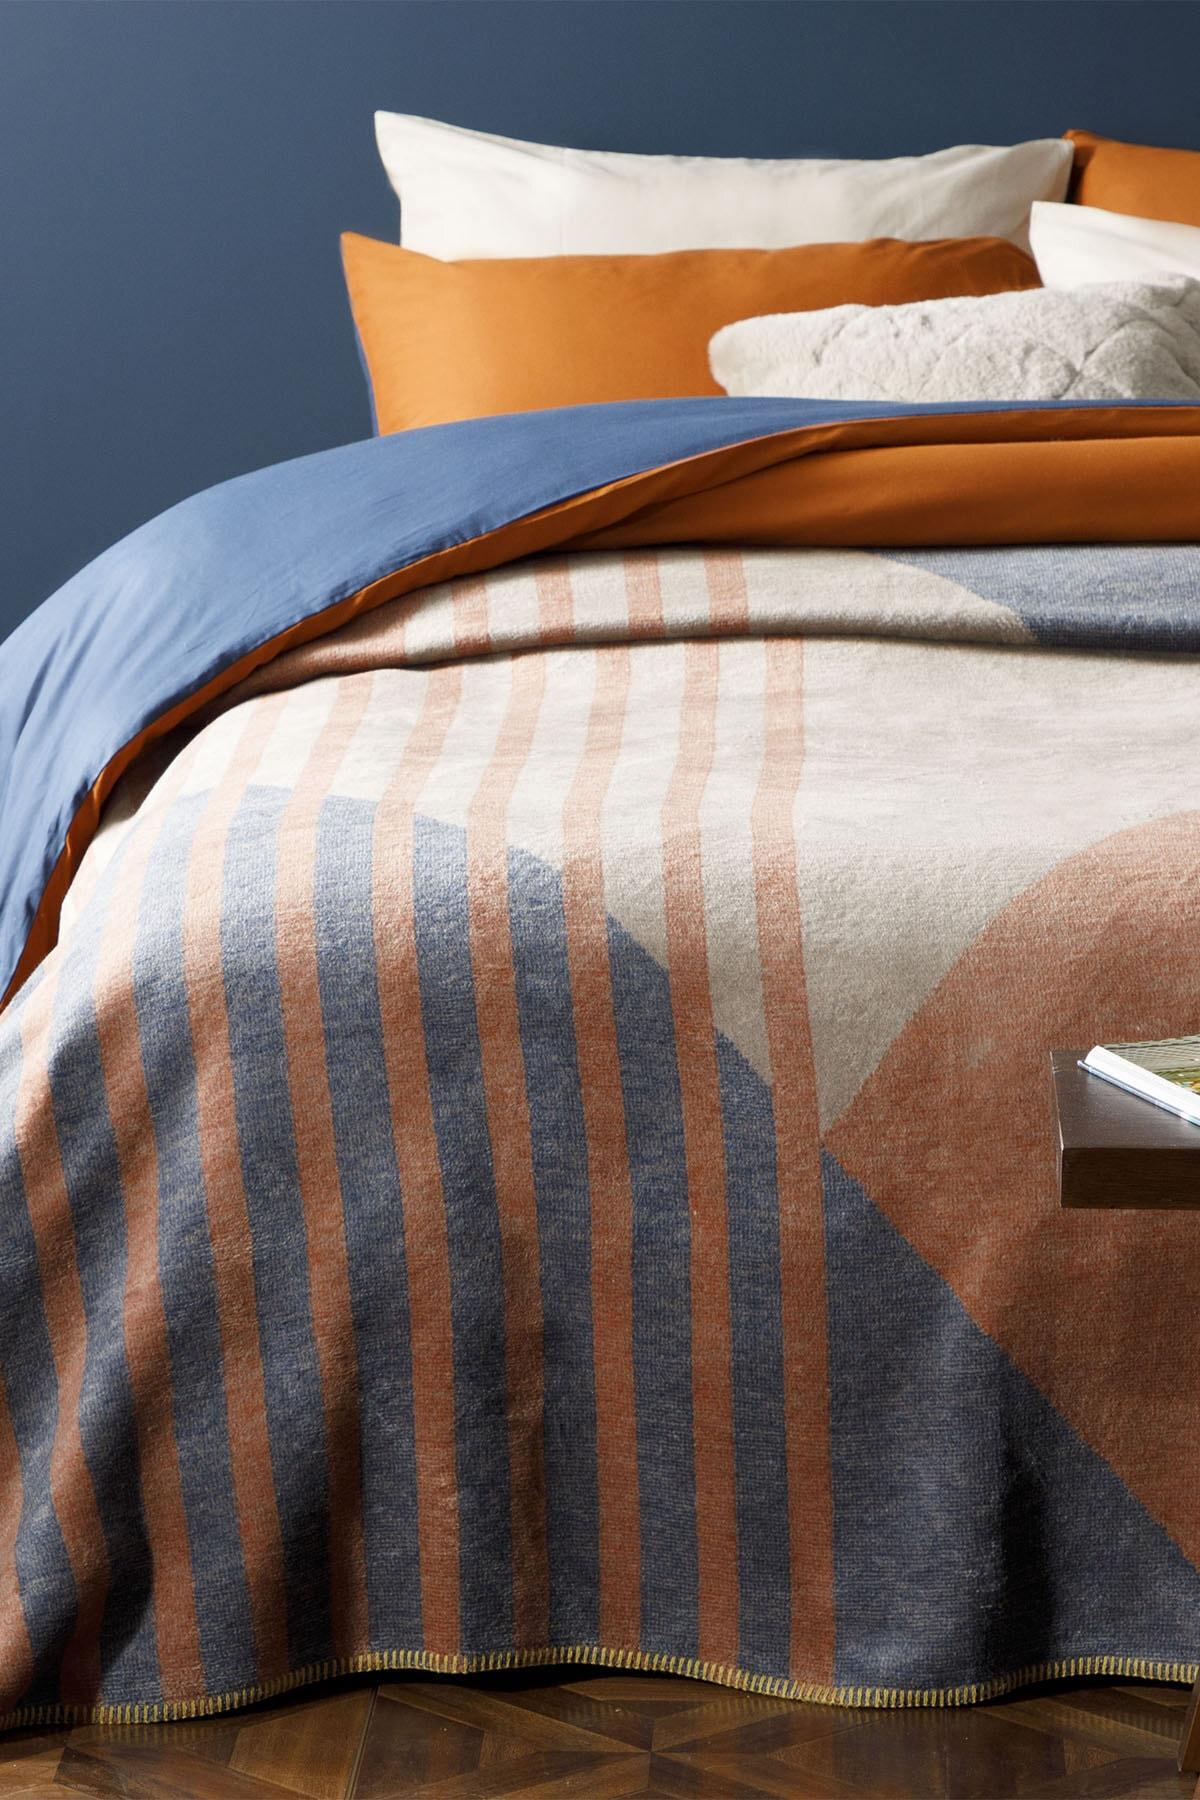 Artgeo Pamuklu Tek Kişilik Battaniye 150x200 Cm Kiremit